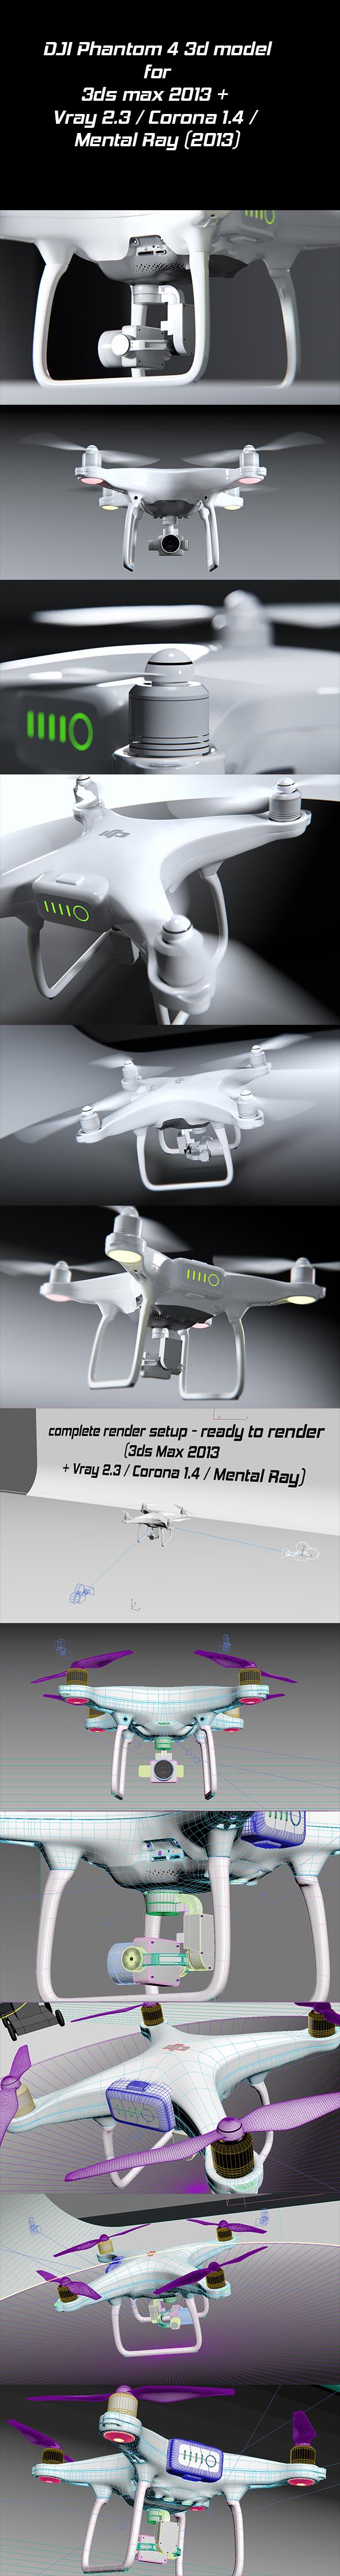 DJI Phantom 4 quadcopter - 3DOcean Item for Sale